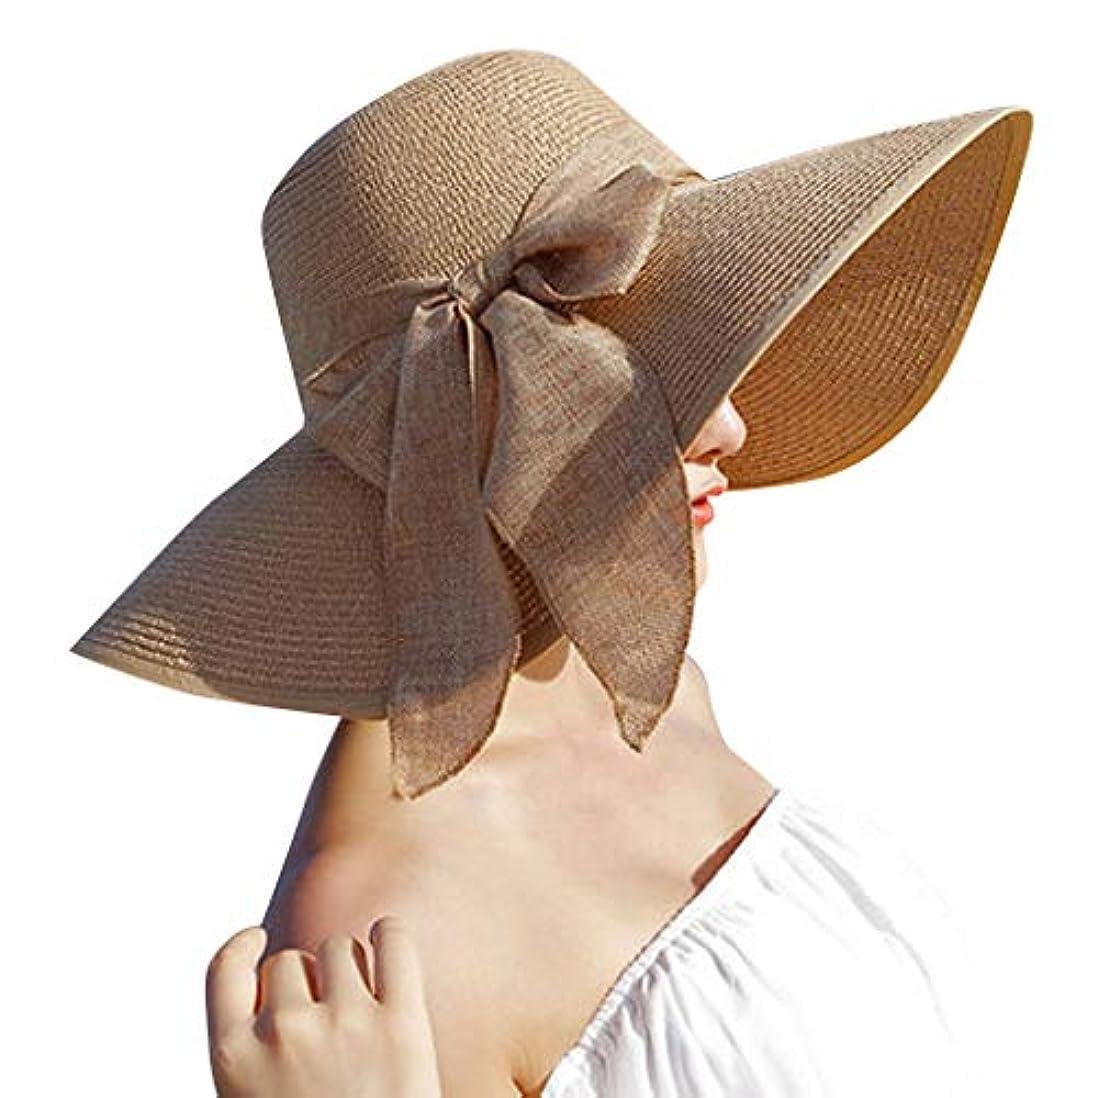 スラム街天気絶望日除け帽子 ハット レディース ビッグバイザー 日よけ 夏季 日焼け 折りたたみ つば広 紫外線100%カット UV ハット 可愛い 顔効果抜群 サンバイザー 小顔効果 春夏 お出かけ用 ビーチハット 海辺 ROSE ROMAN